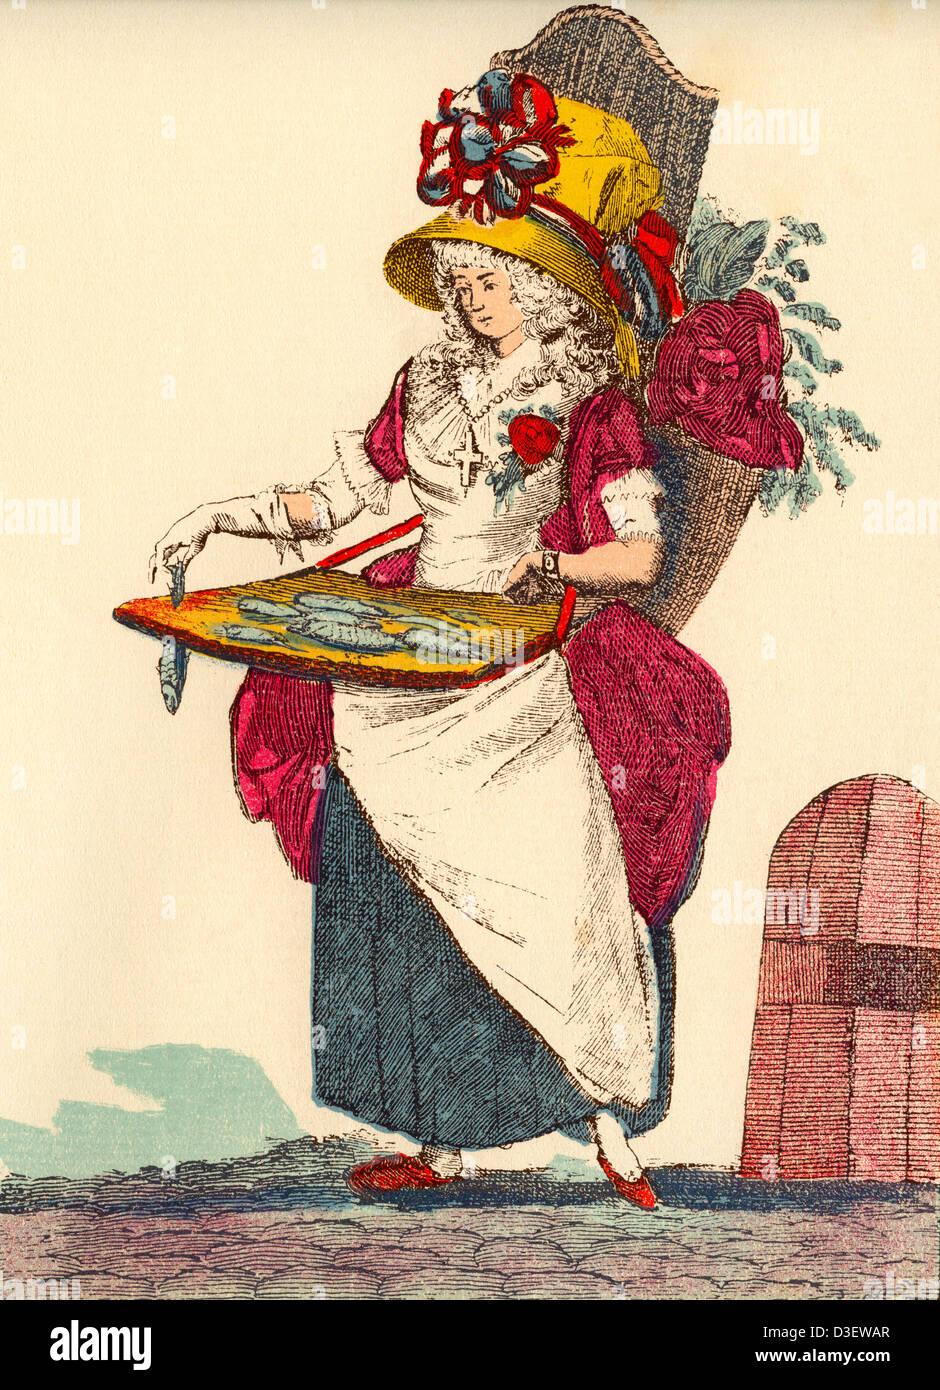 Donna che indossa mix di vestiti che rappresentano i tre ordini - clero, nobiltà e lavoratore - in Francia Immagini Stock